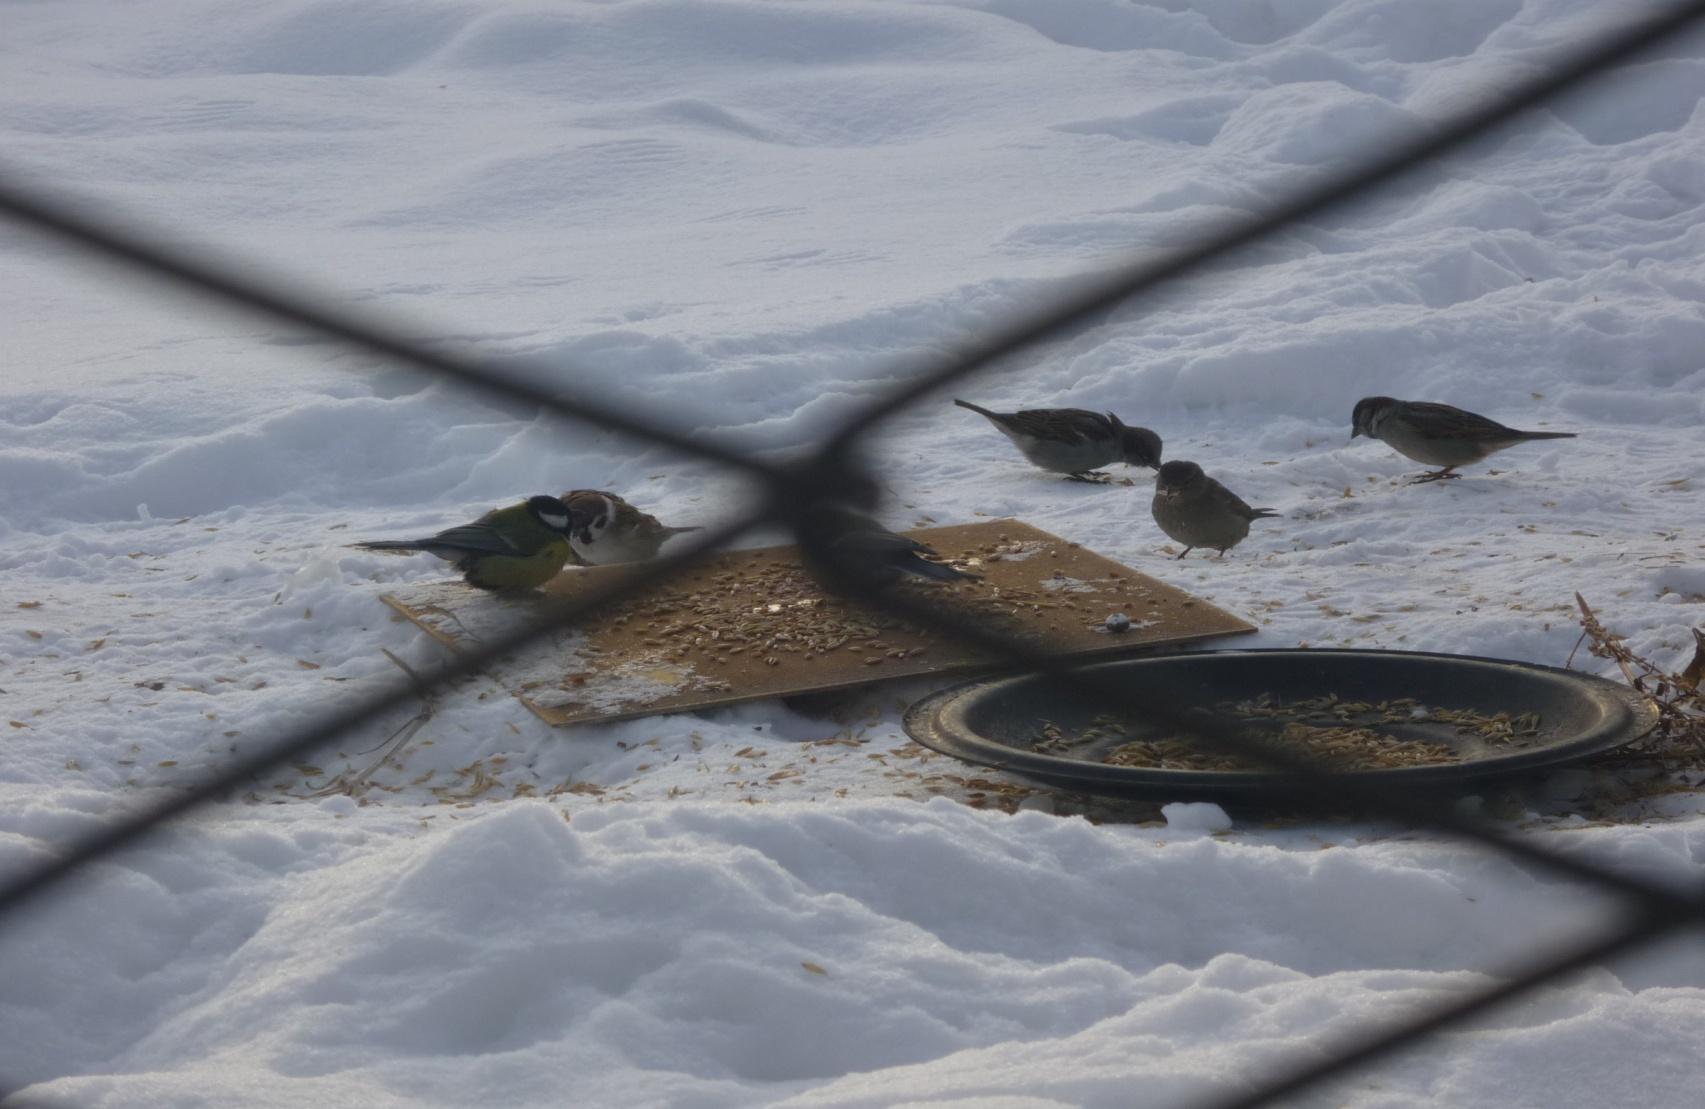 C:\Users\Владимировка1\Desktop\готовые фото птицы на кормушке\готовые фото, птицы на кормушке\P1040766.JPG